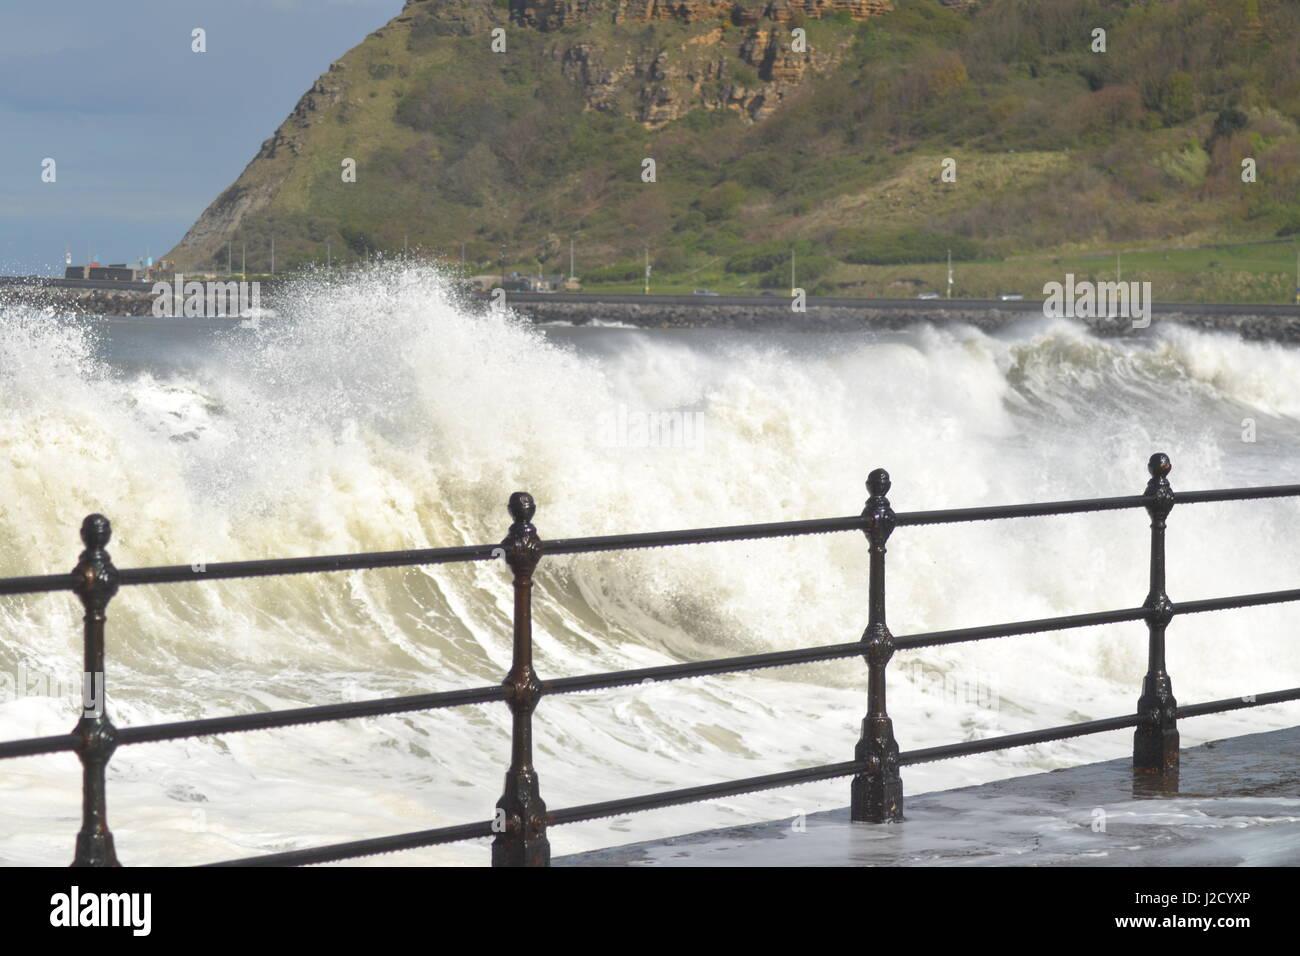 Crashing Waves - Stock Image